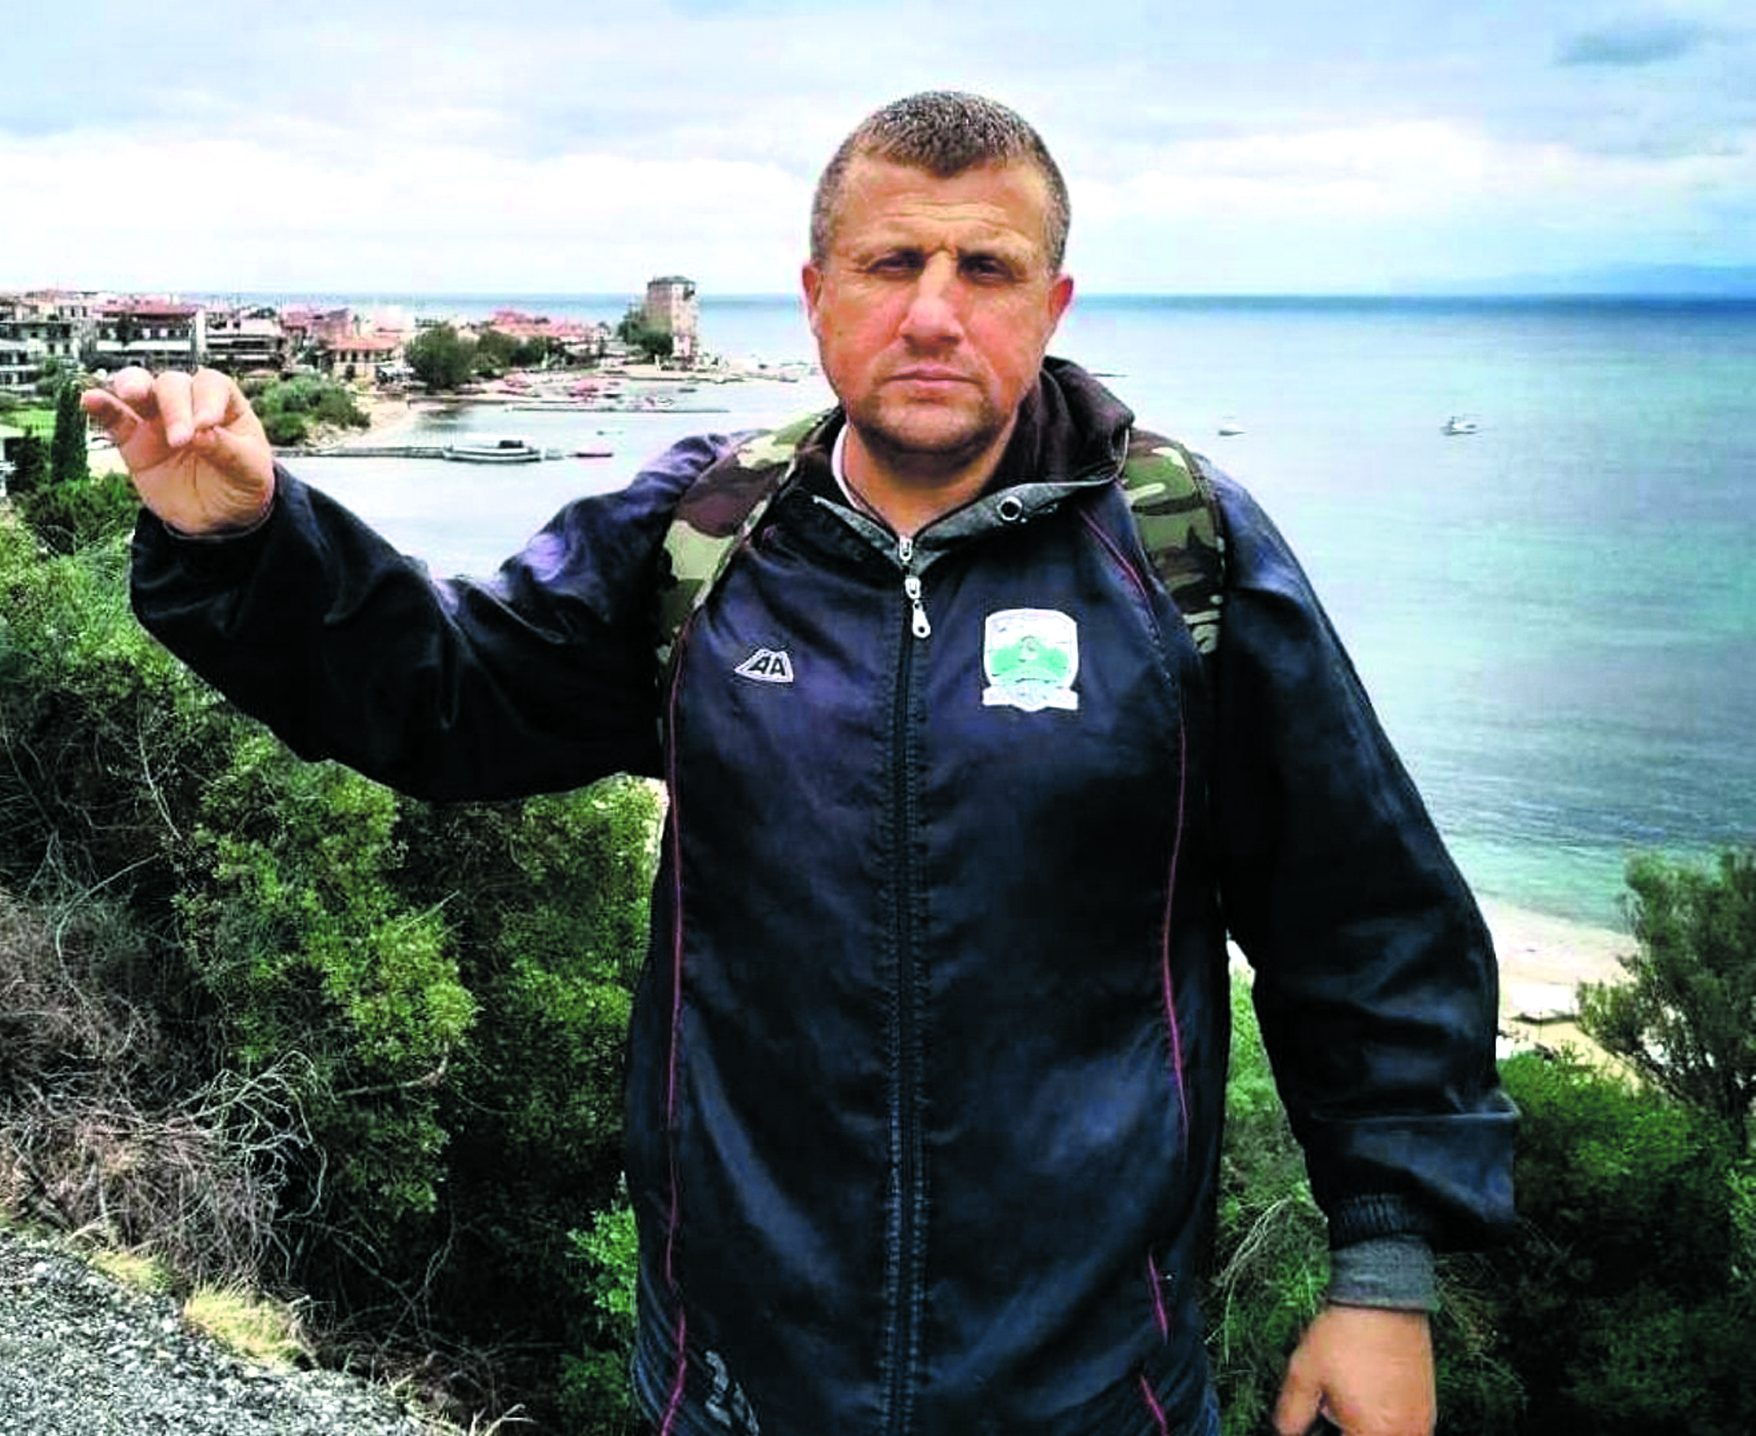 Go to Ходочашће за мир: пешке до Хиландара